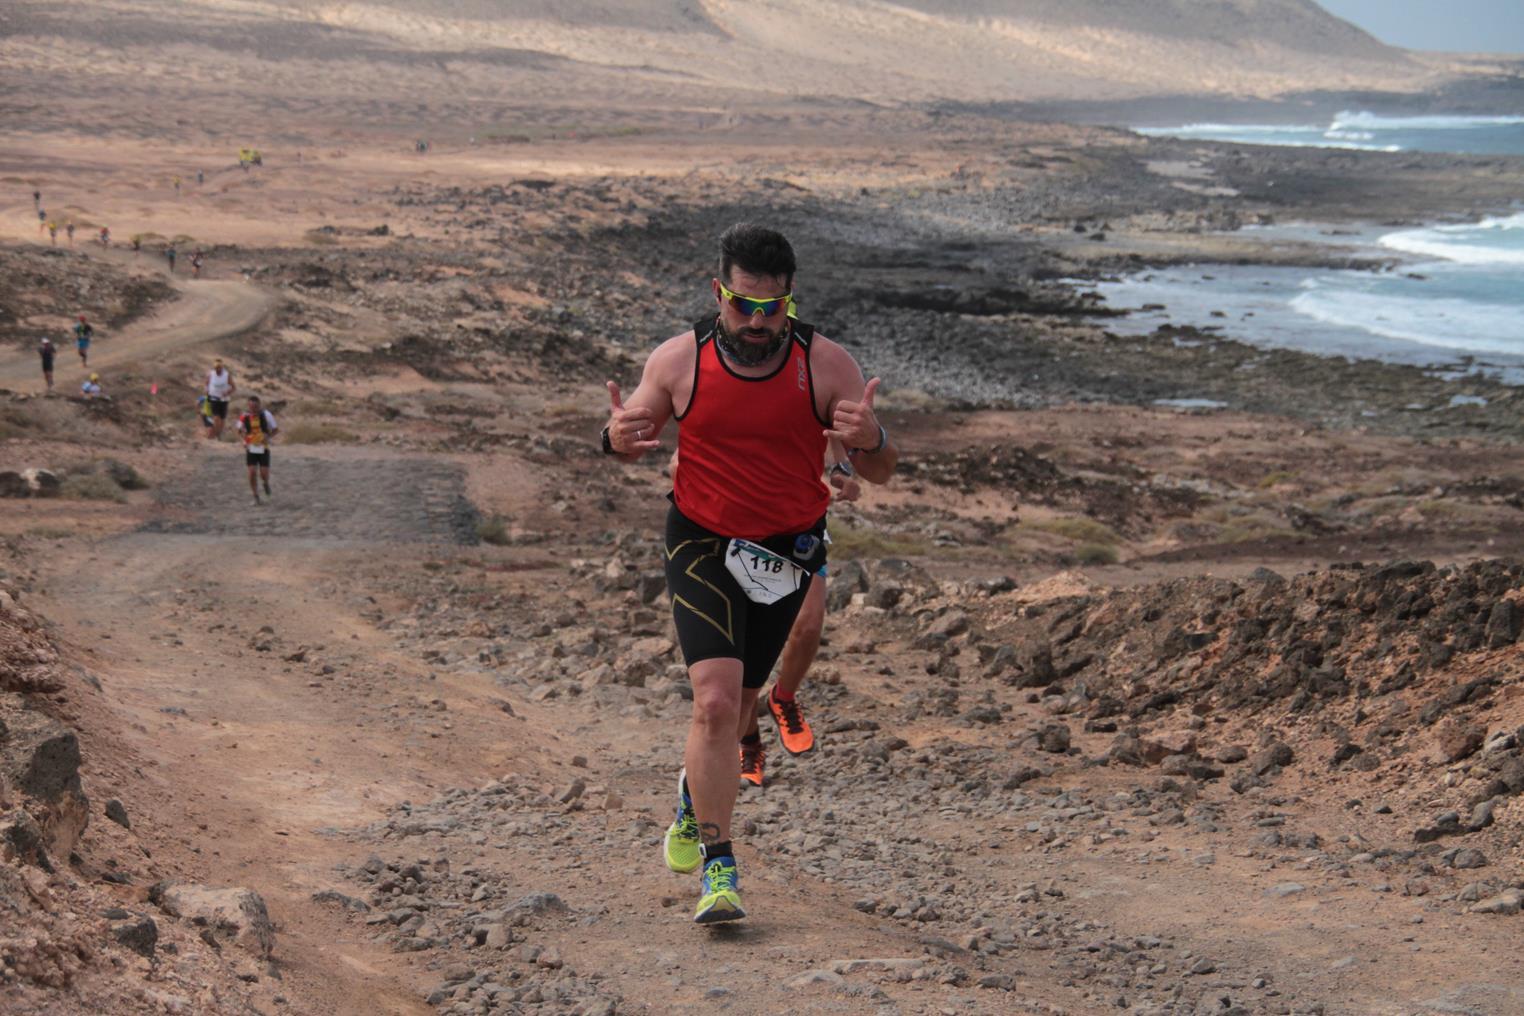 Desafio-Trail-413